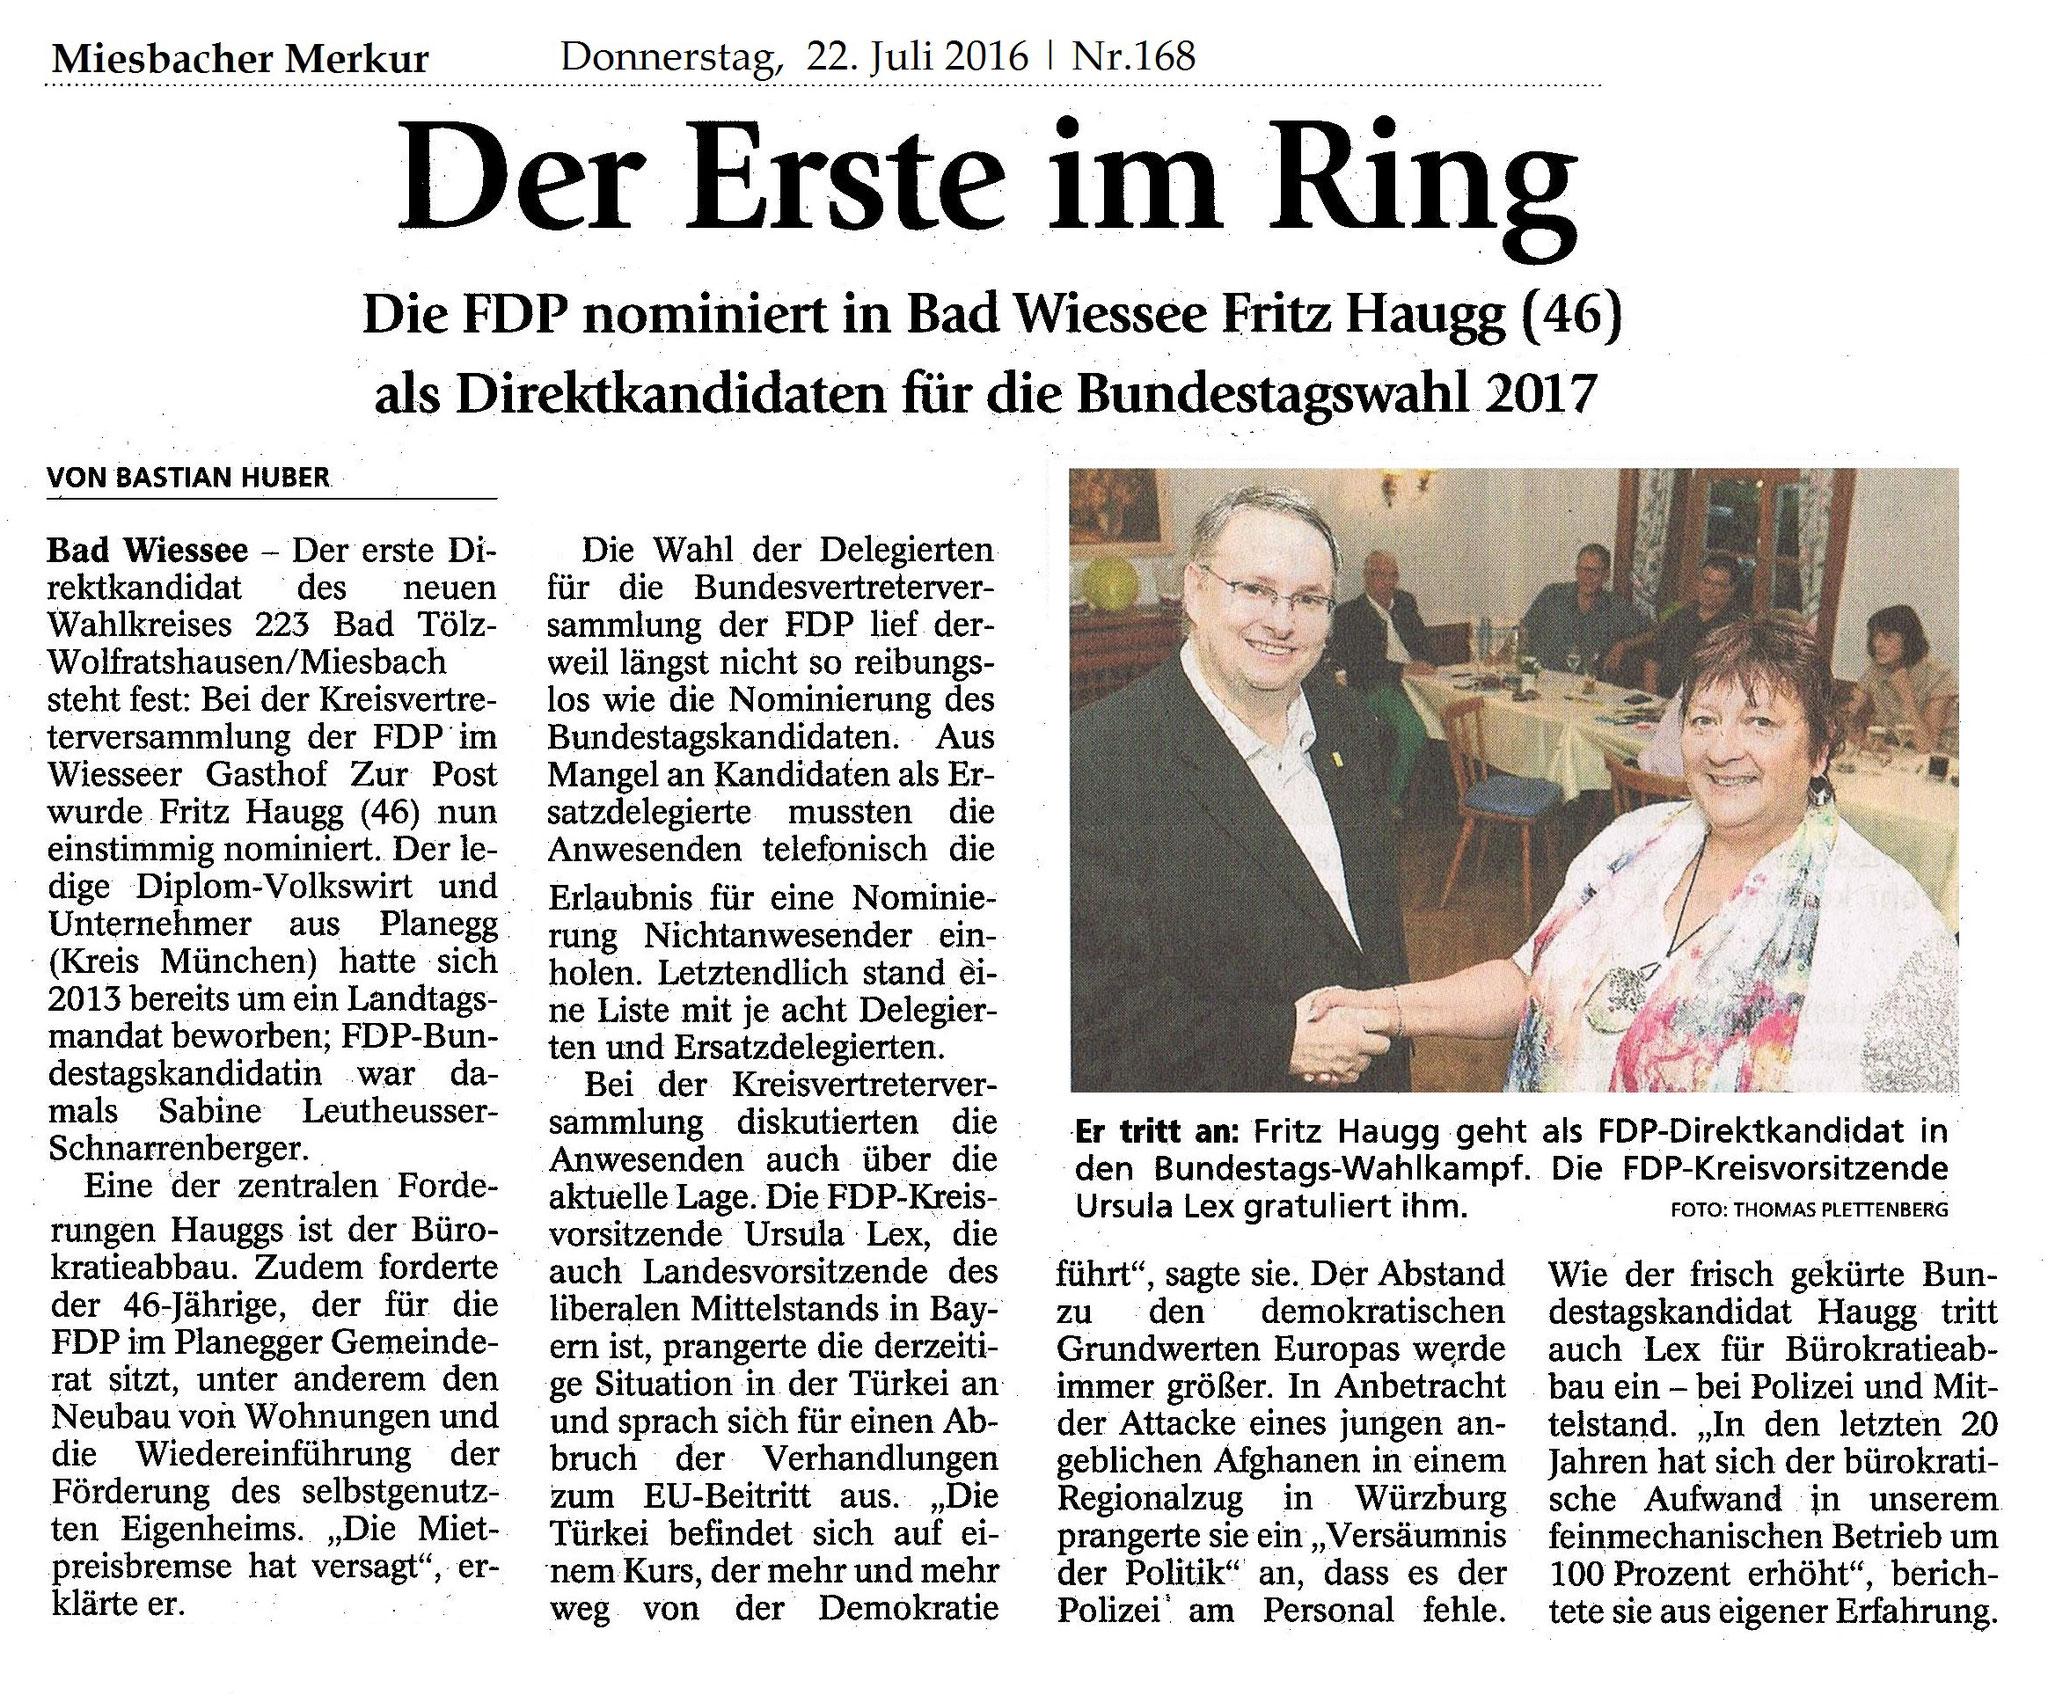 22. Juli 2016: Der erste Ring (.jpg)